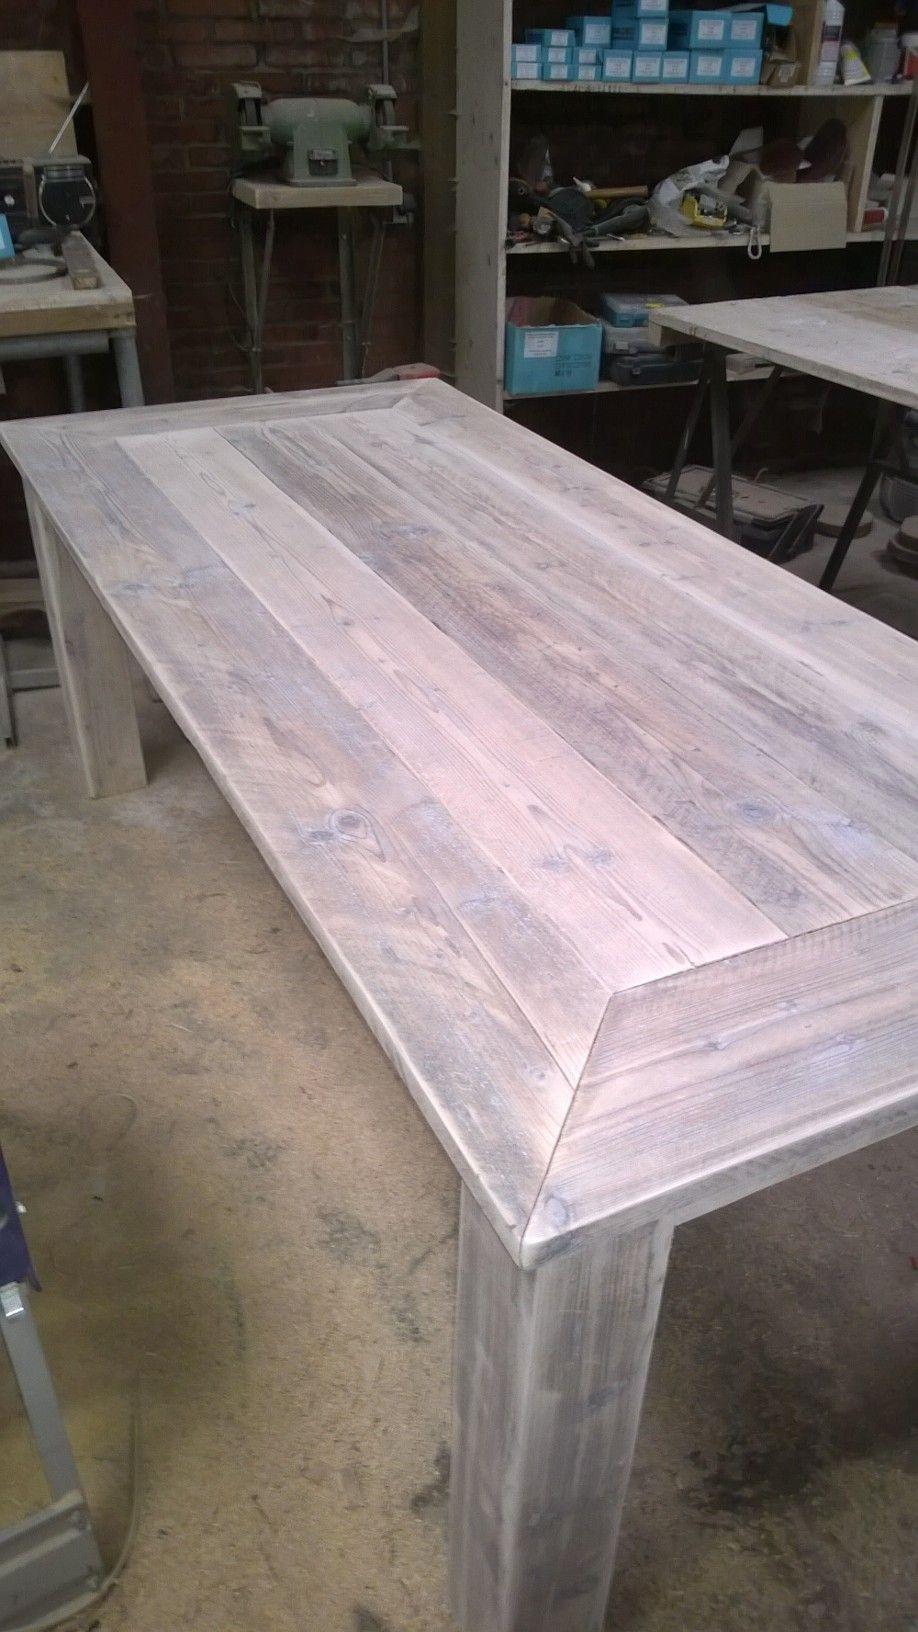 White Wash Eetkamer Tafel.Steigerhouten Eetkamertafel In De Kleur White Wash Eetkamertafel